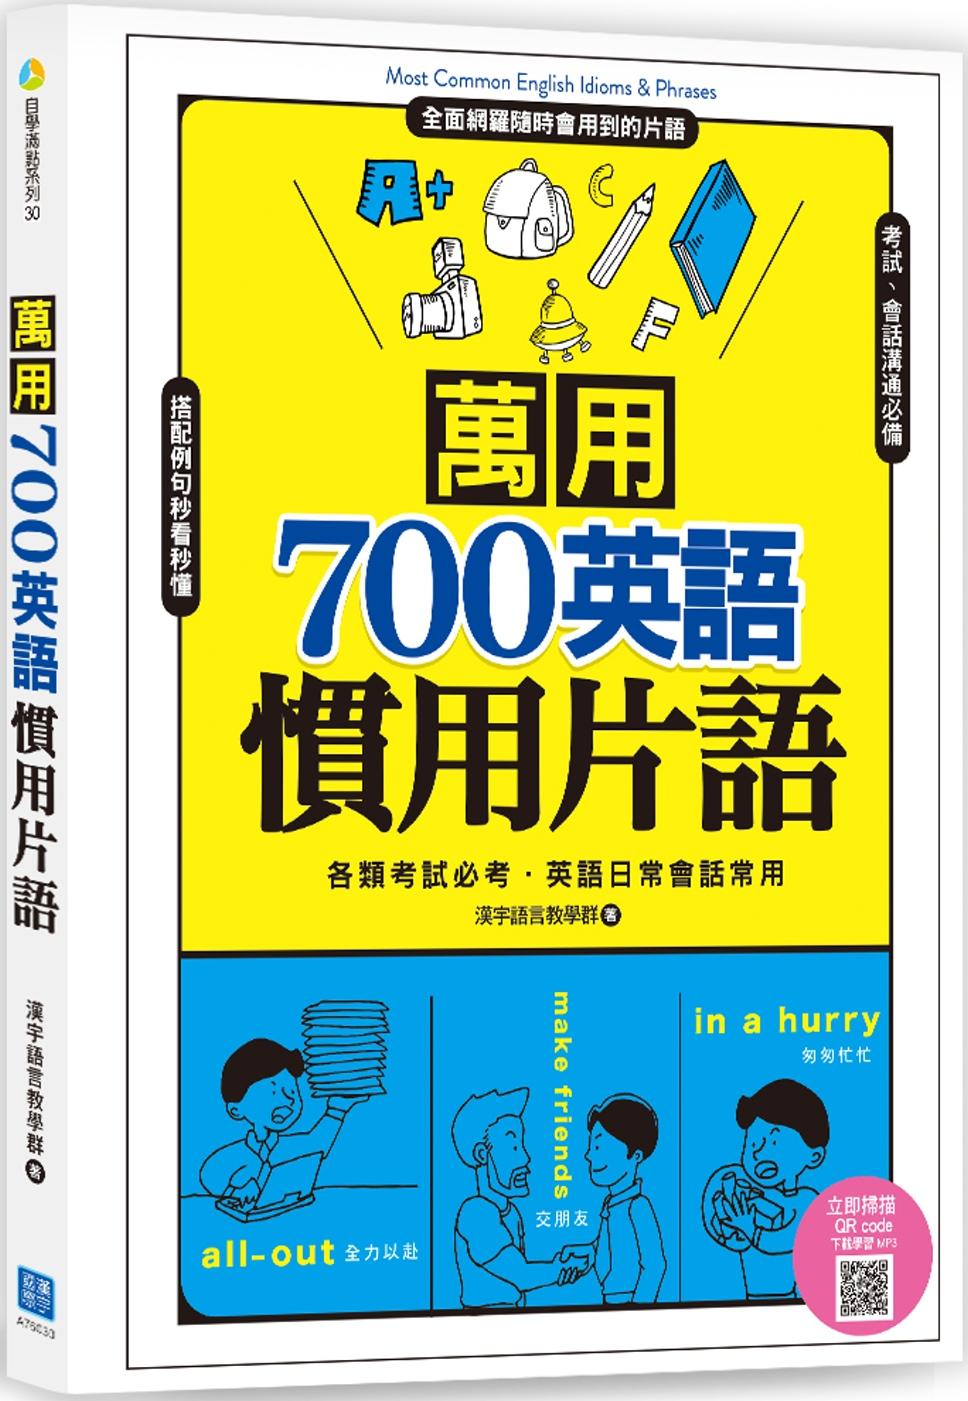 萬用700英語慣用片語 (掃描 QR code 立即收聽學習MP3)